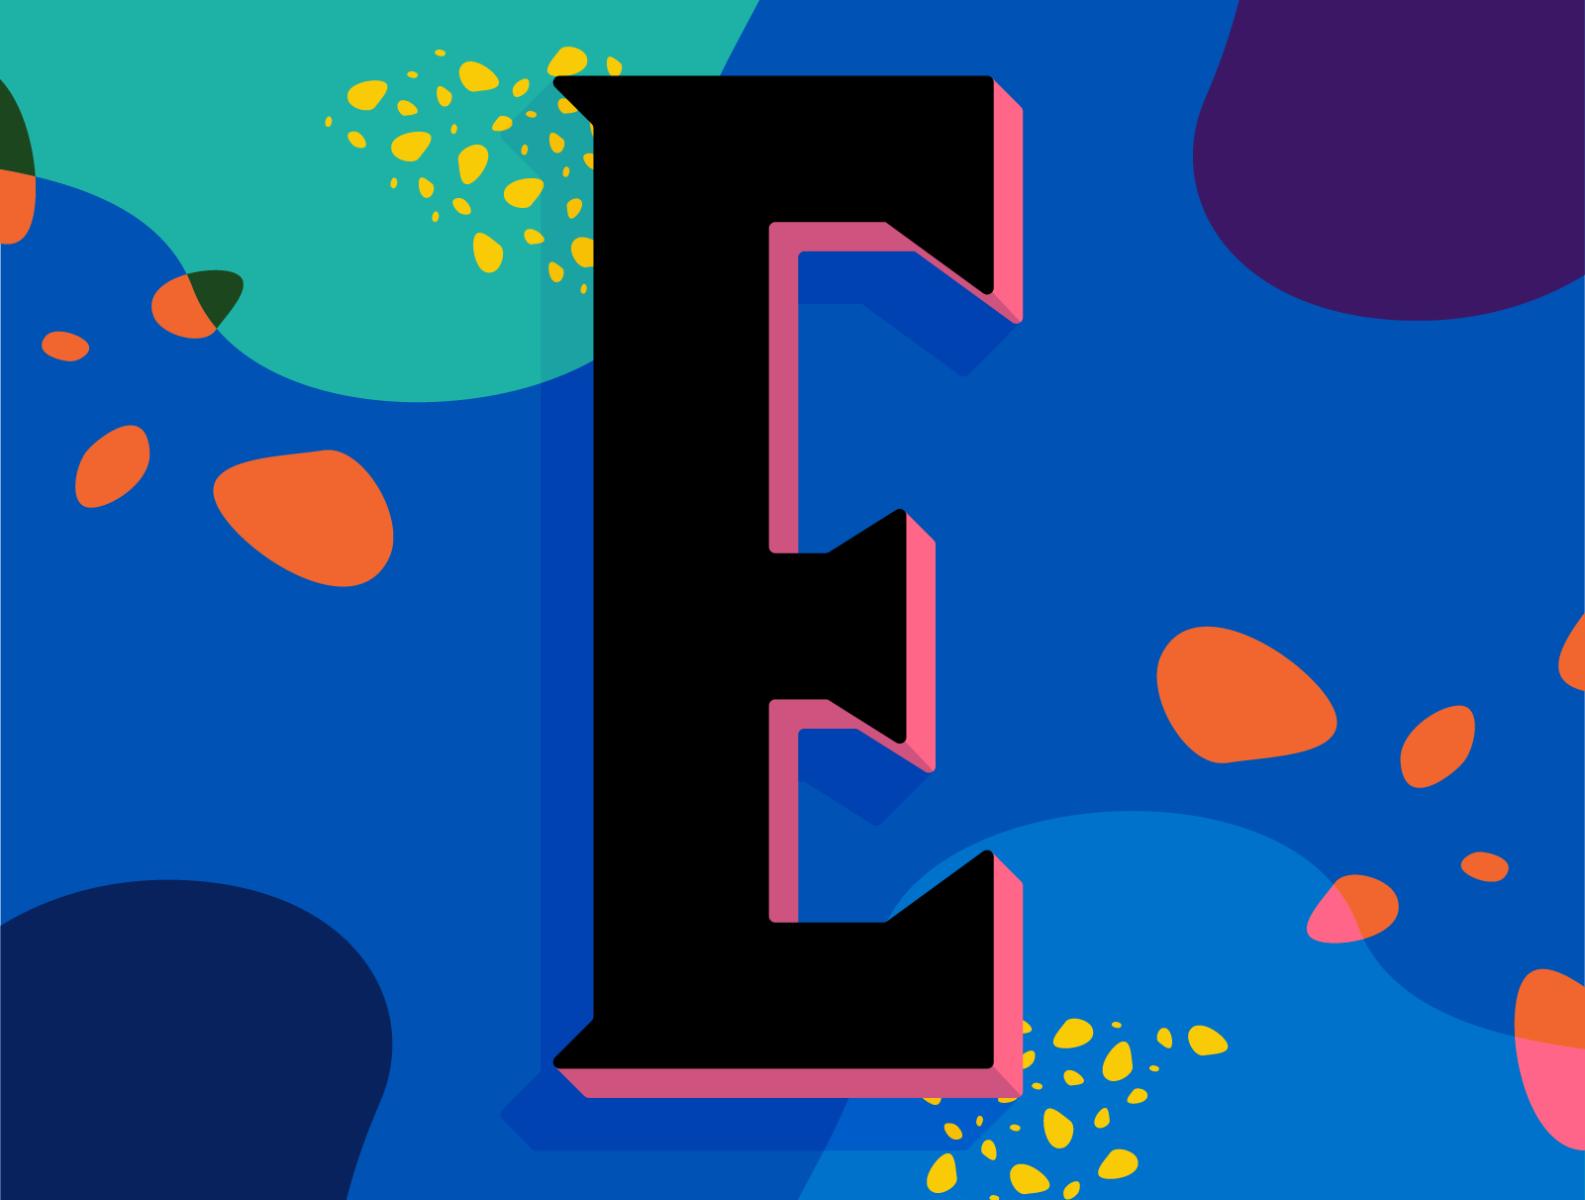 36 Days of Type / E